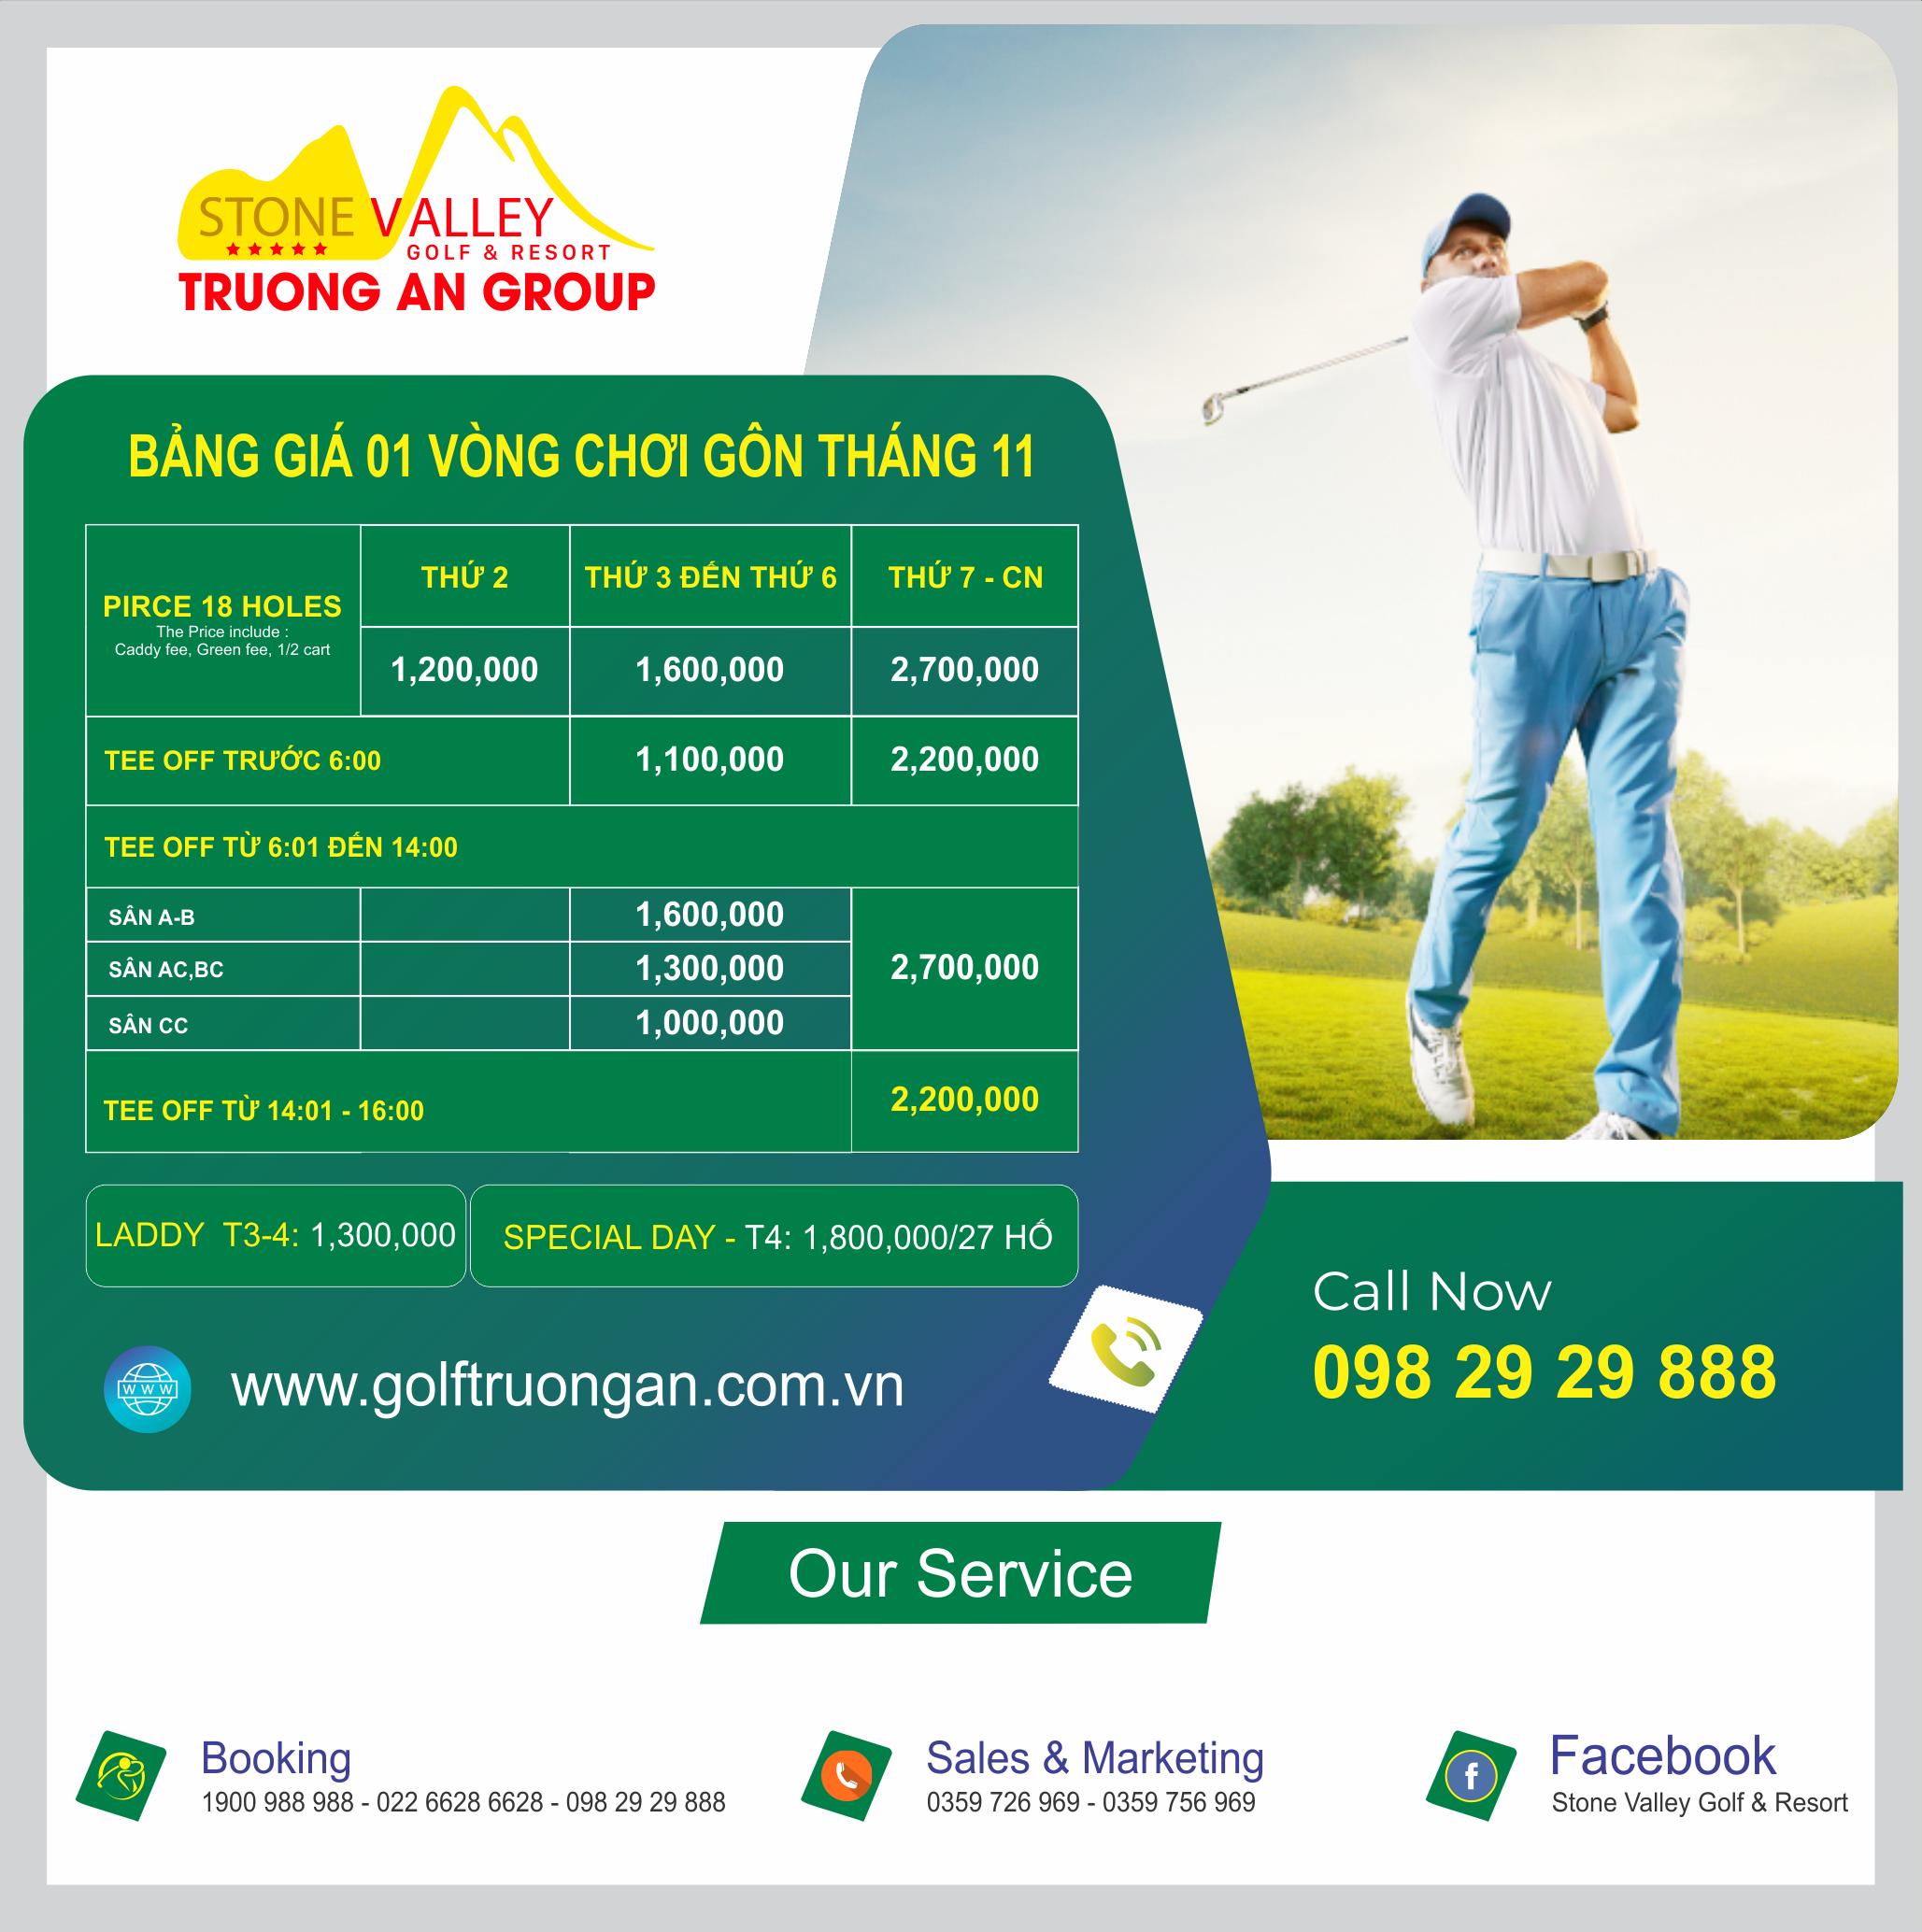 Bảng giá Golf tháng 11 năm 2020